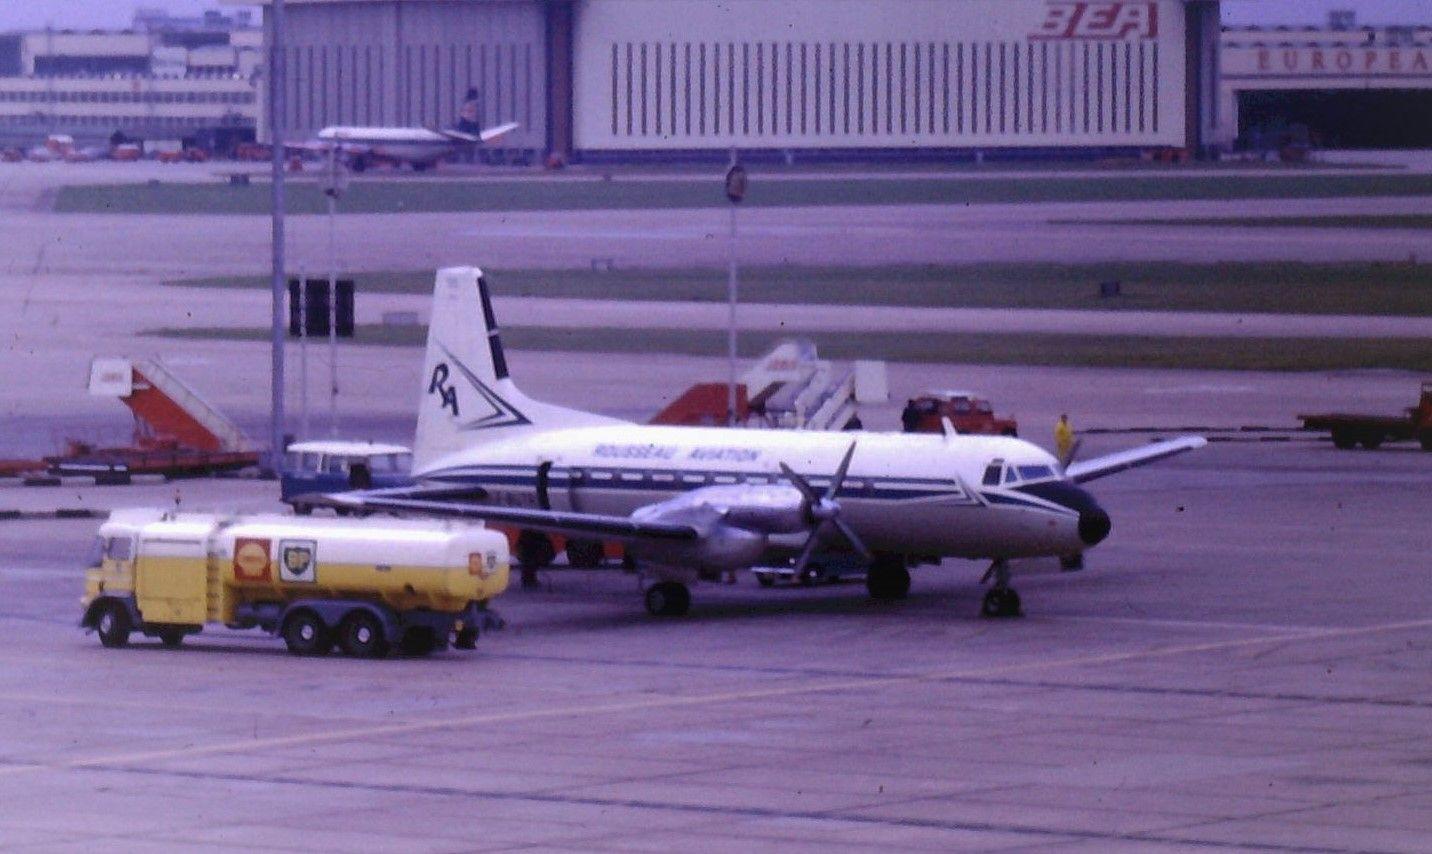 Rousseau Aviation HS748 FBUTR at Heathrow 1973 Aviation